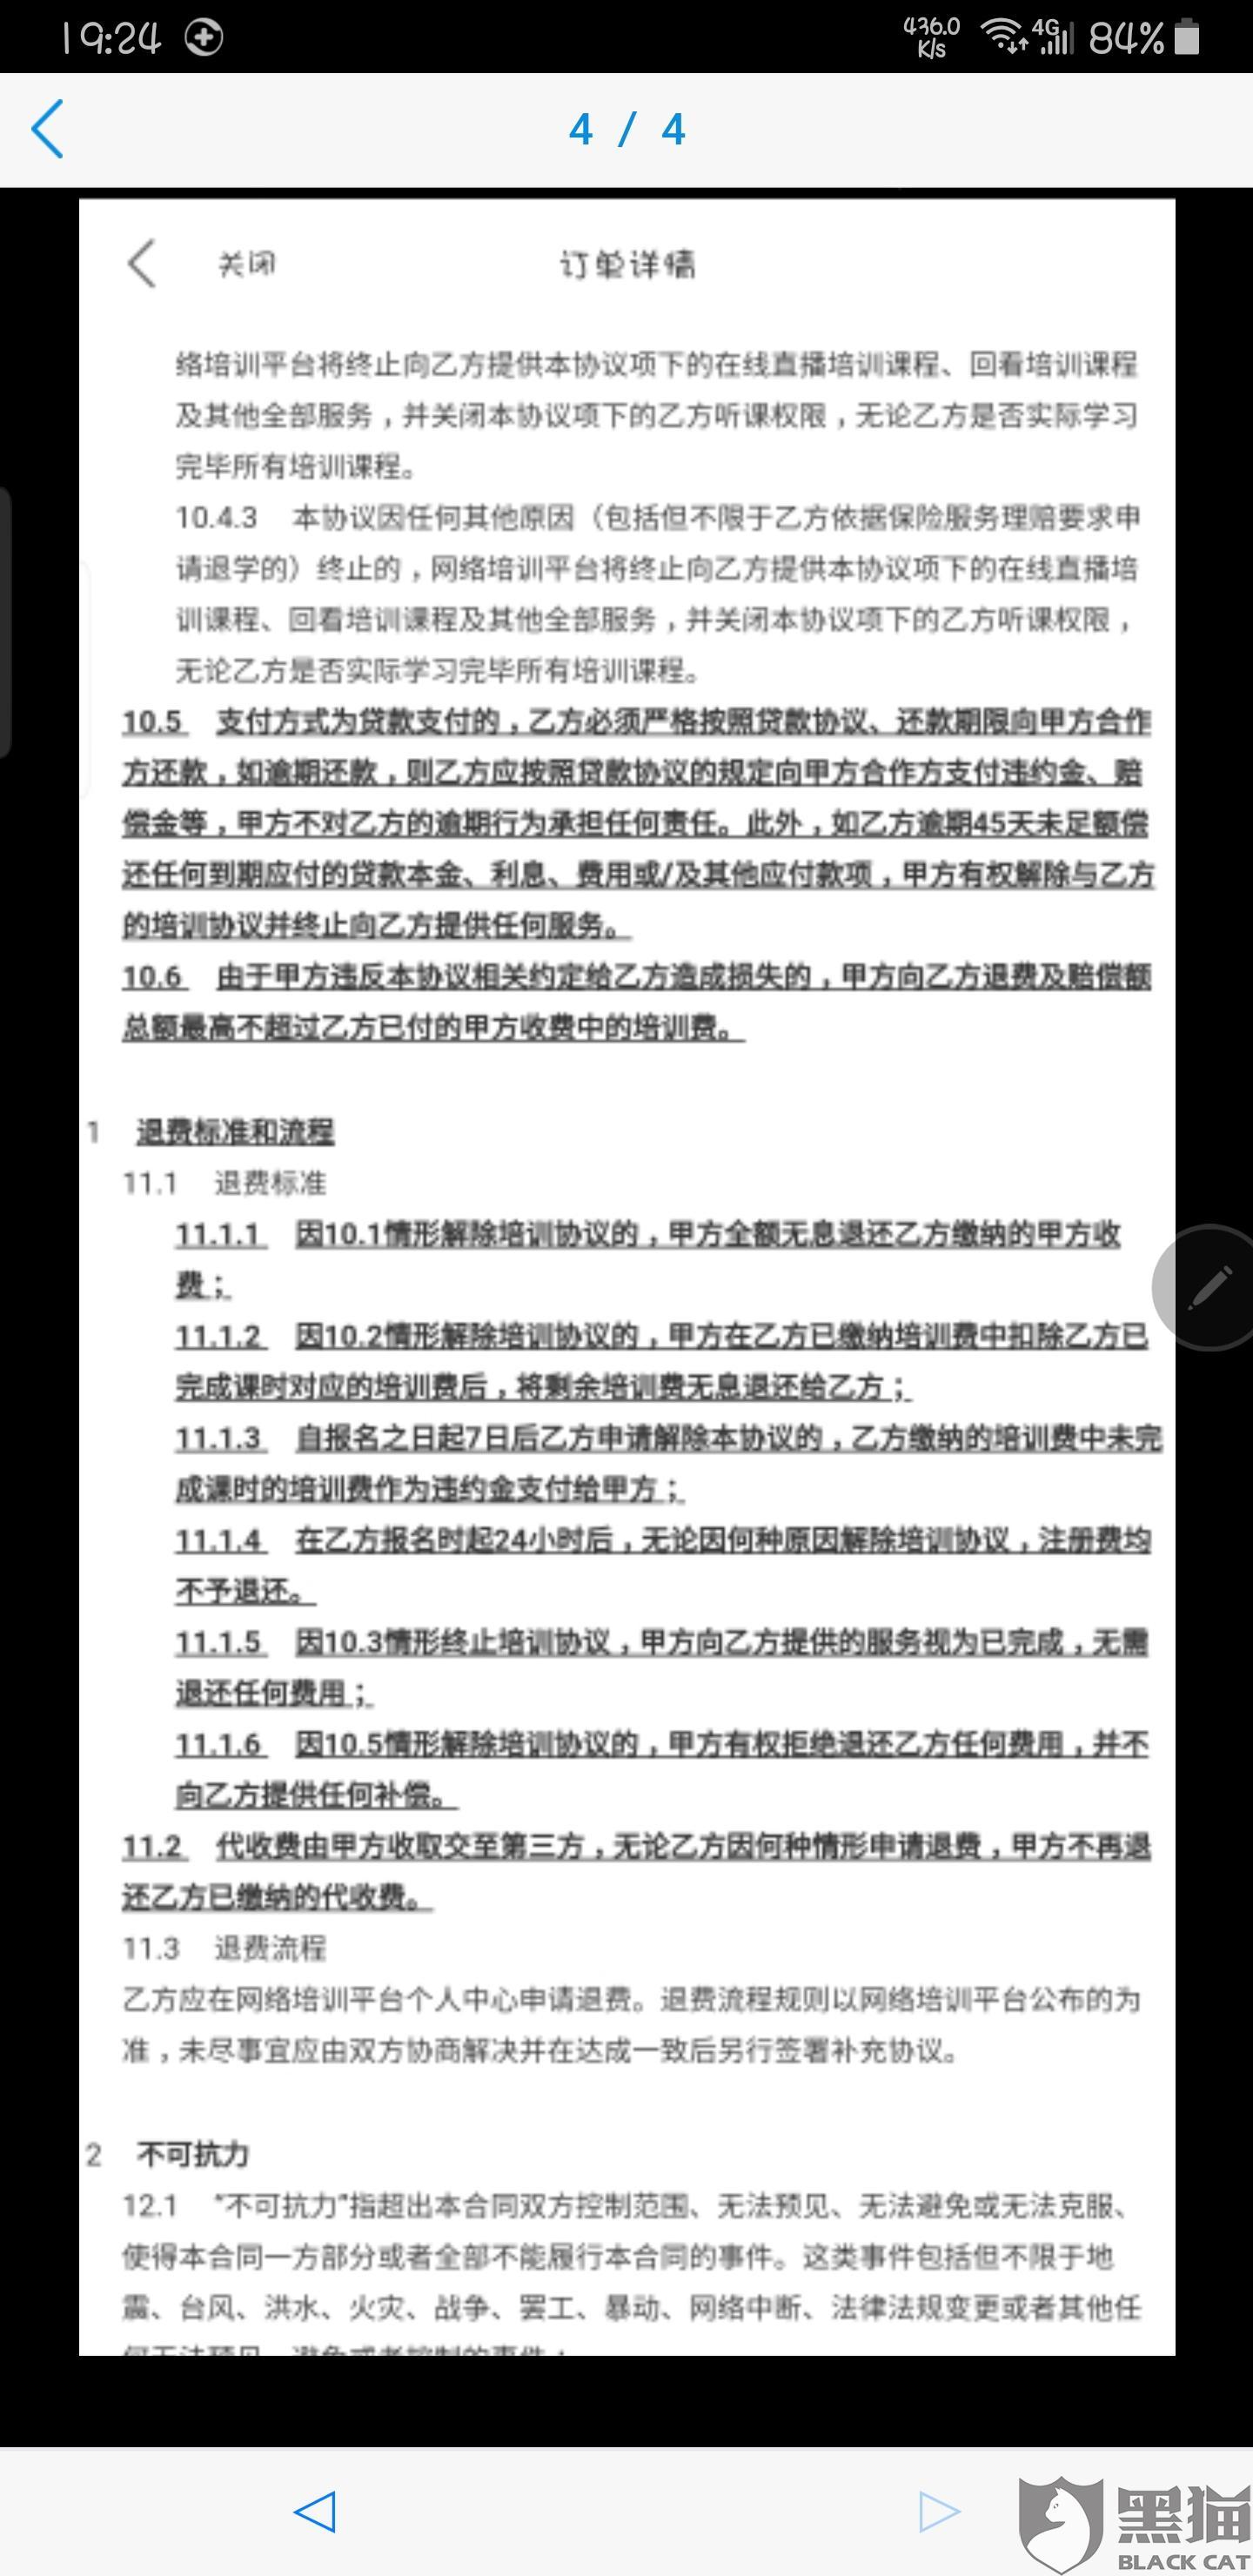 黑猫投诉:投诉北京尚德在线教育科技有限公司 虚假宣传 偷税漏税